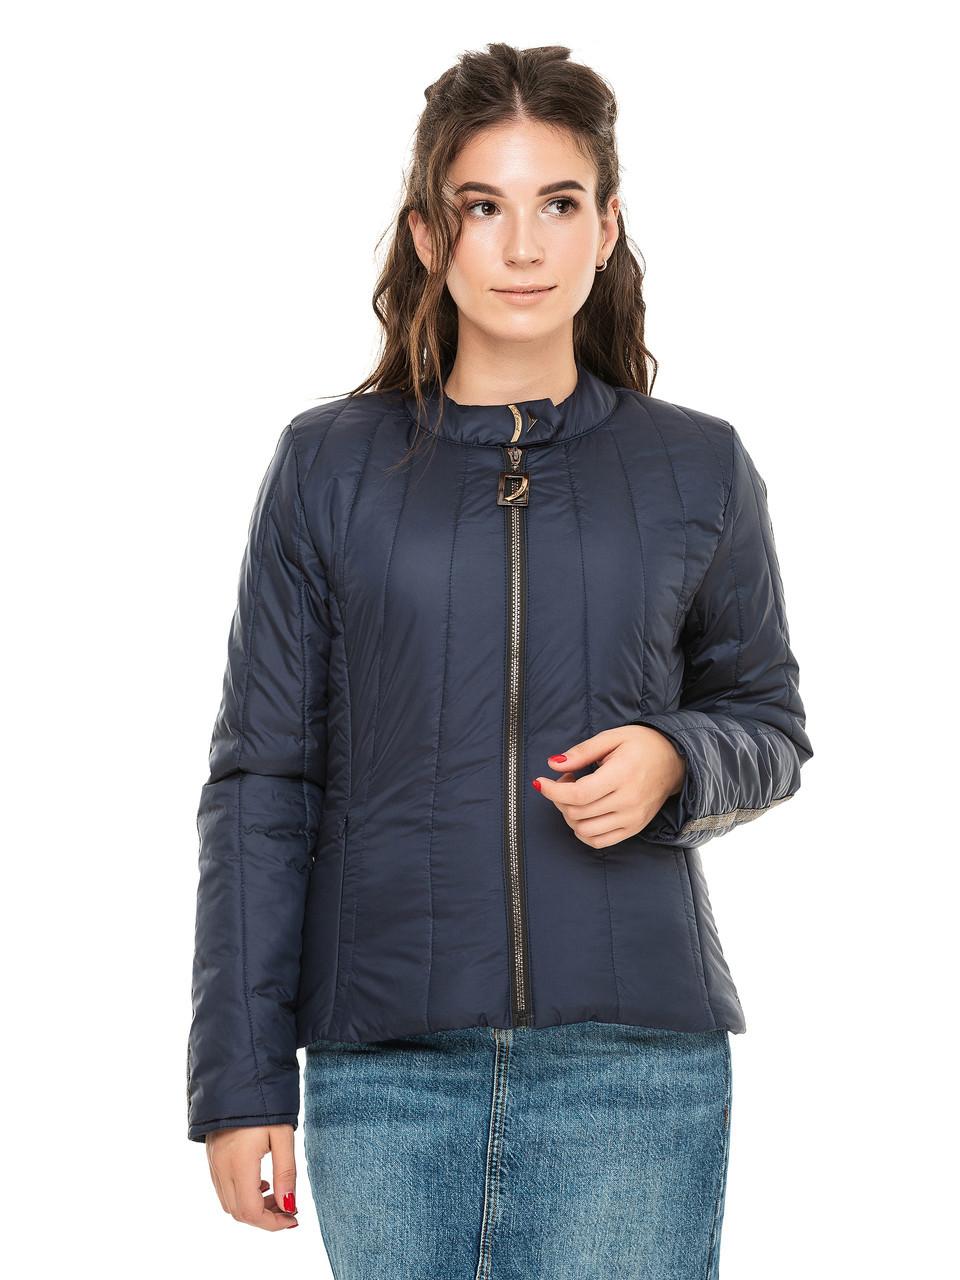 Куртка женская демисезонная Диана